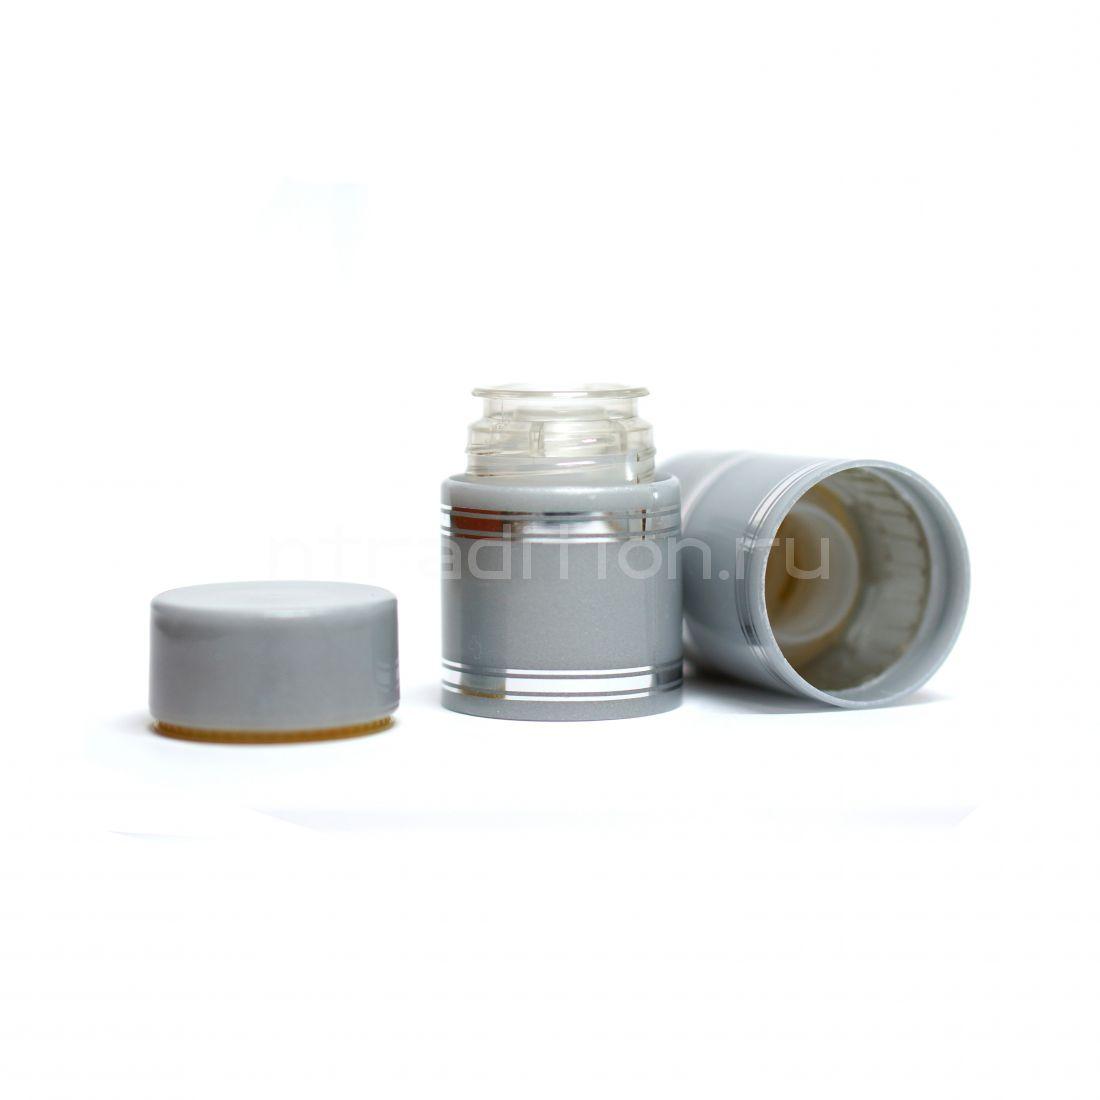 Полимерный колпачок с дозатором серебристый (Гуала 47 мм) / 10 шт